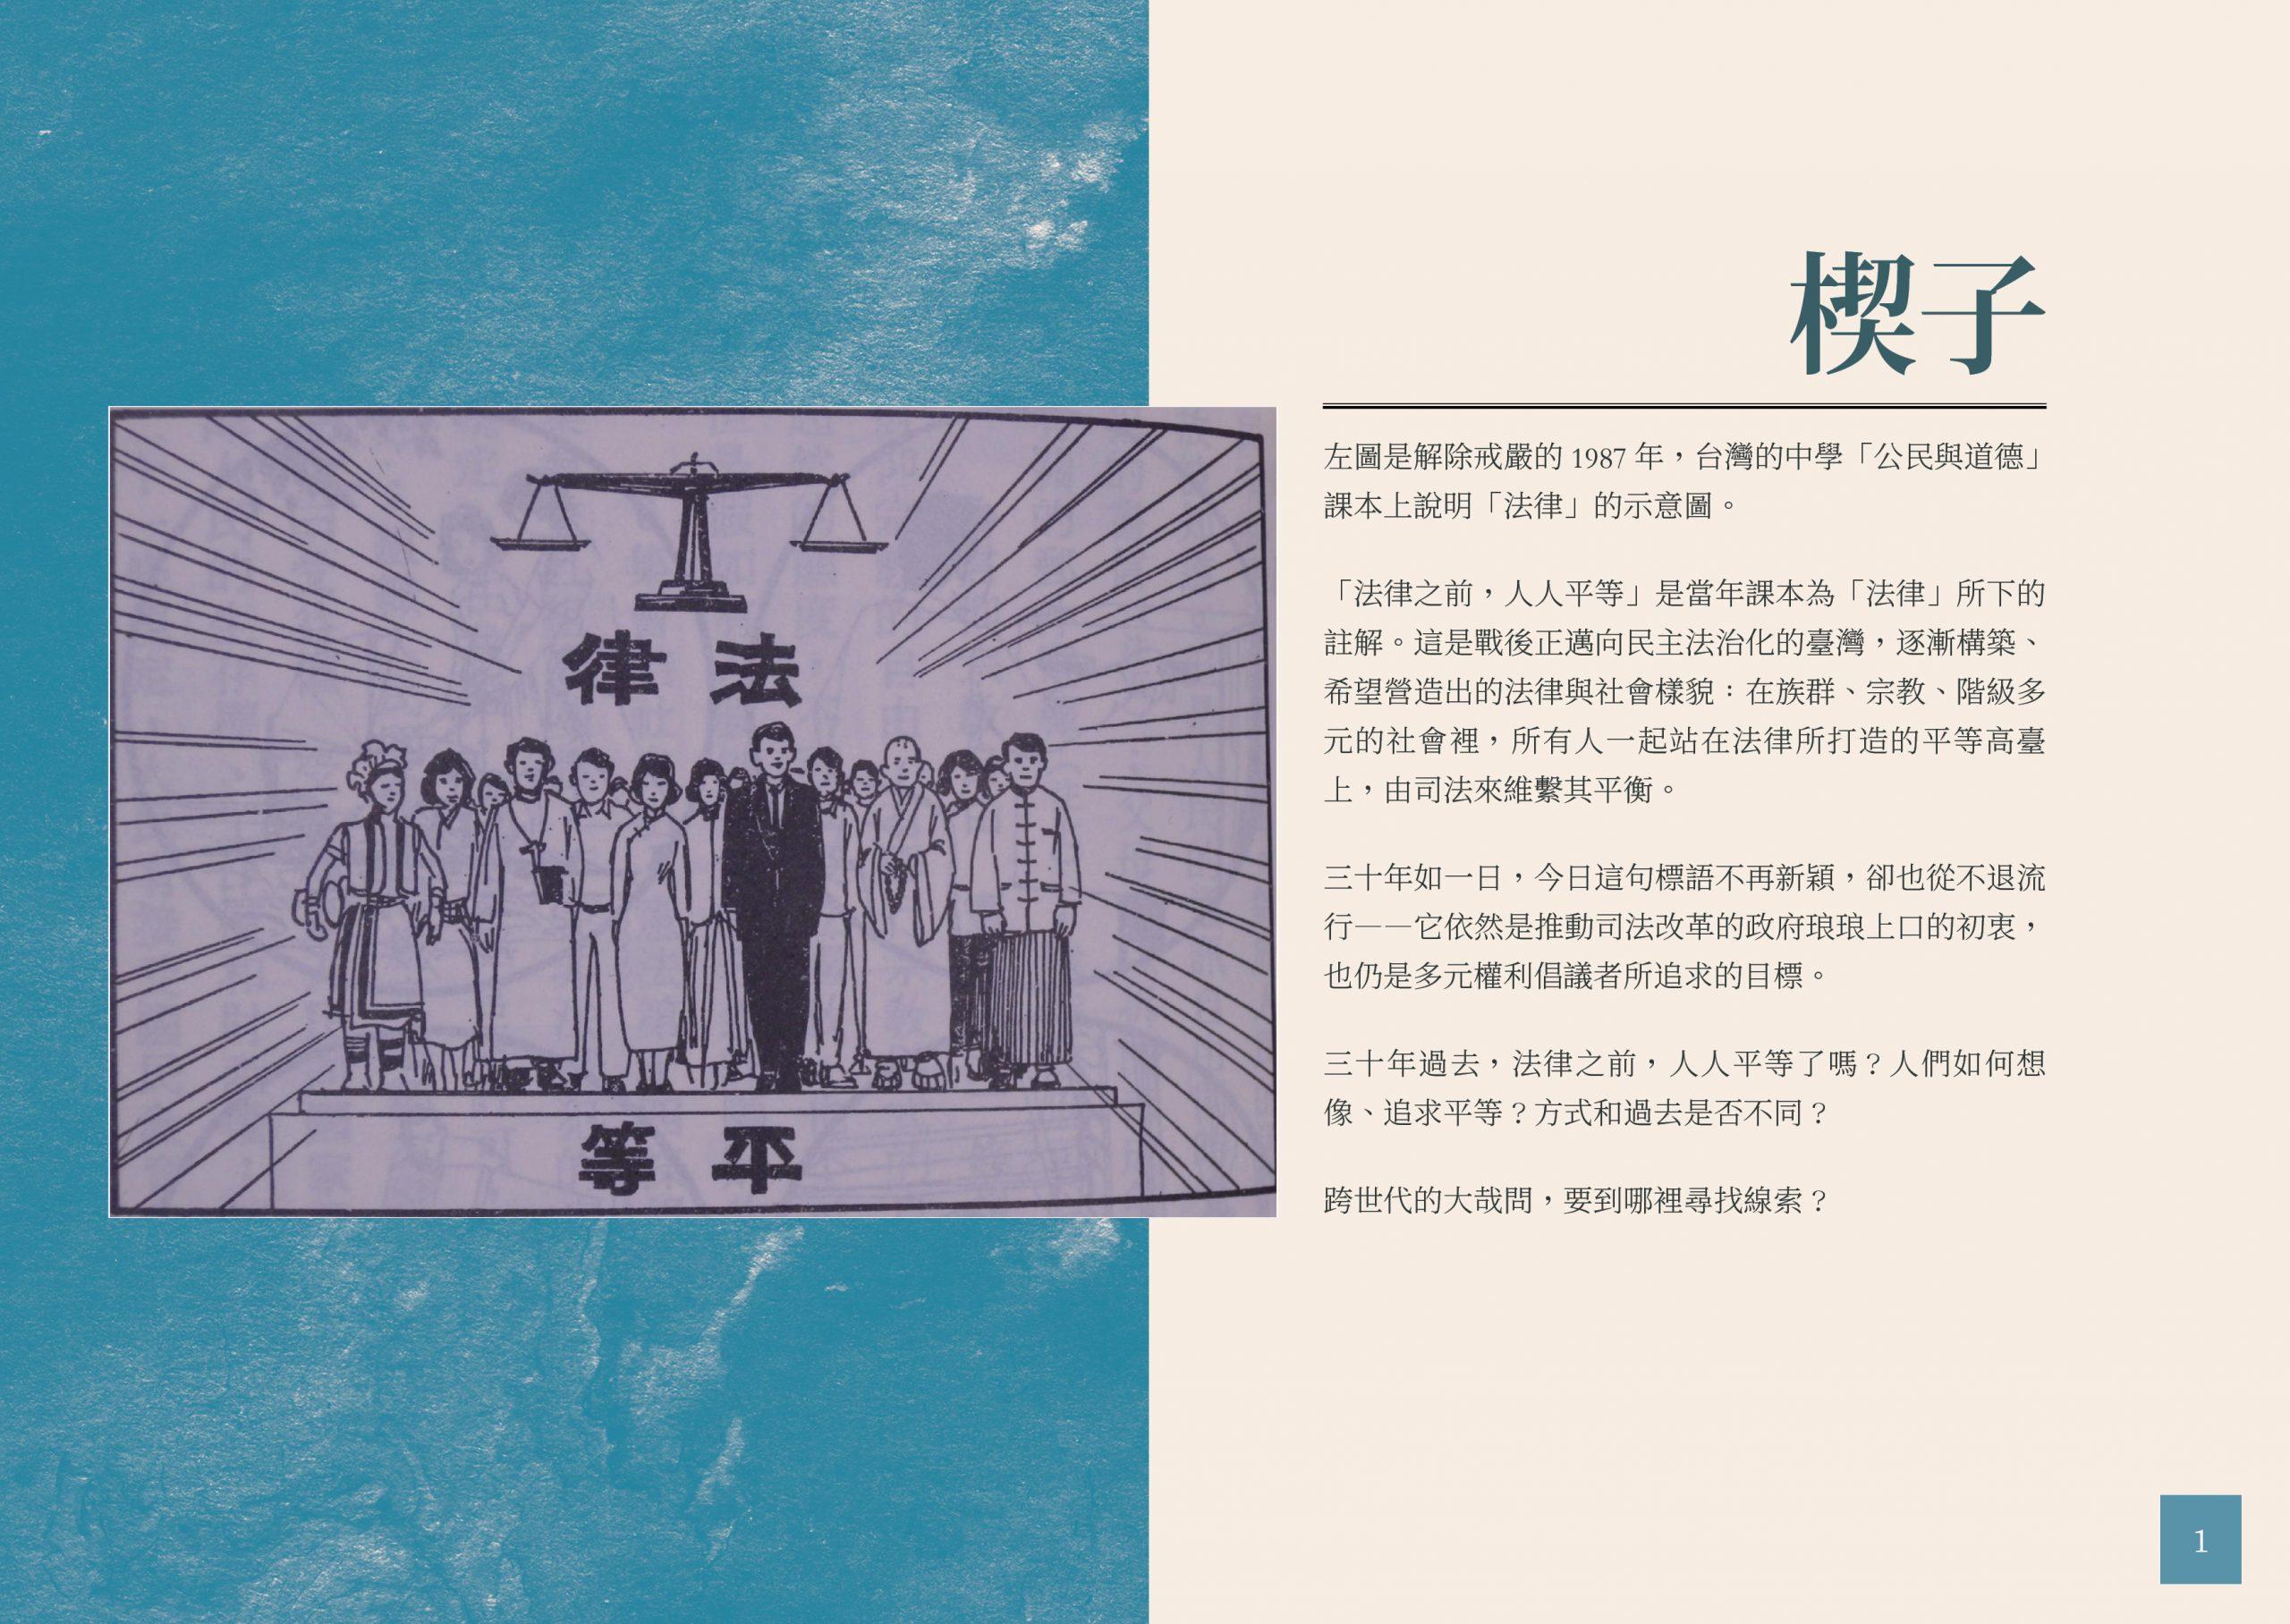 台灣法實證資料庫介紹手冊內文_1001-2